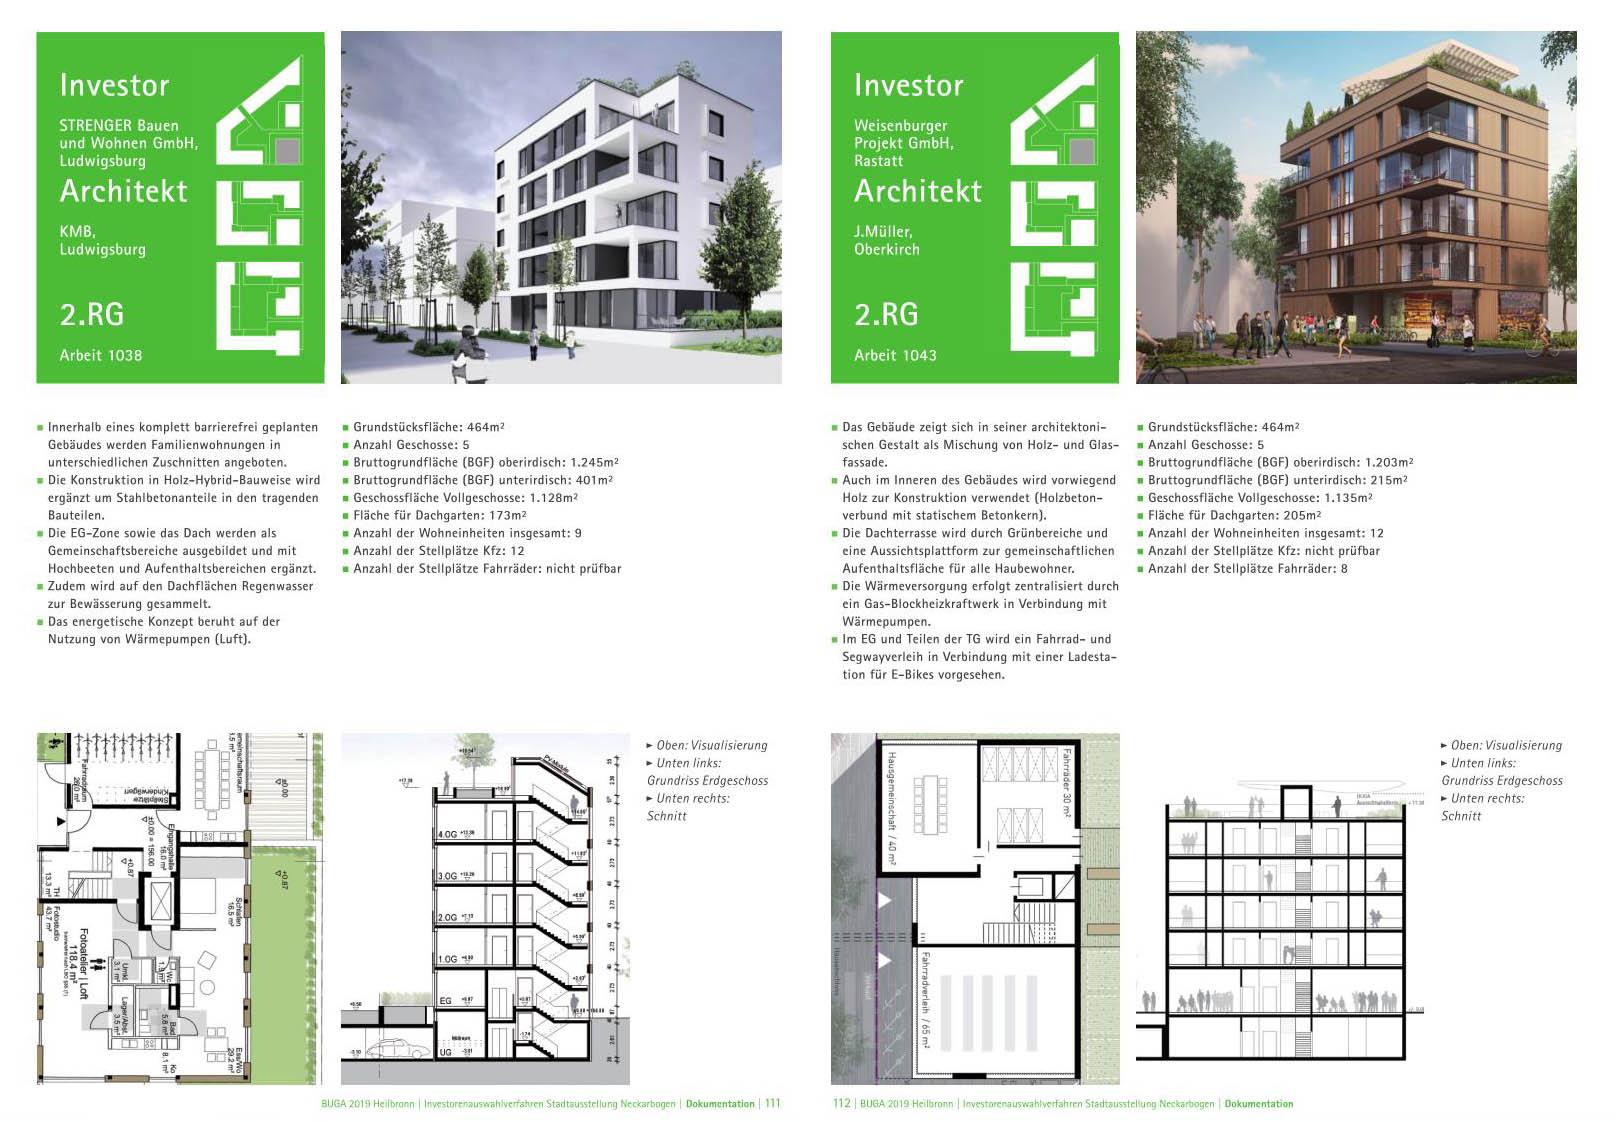 Gegenüberstellung Entwürfe für ein Baufeld (Beispiel)